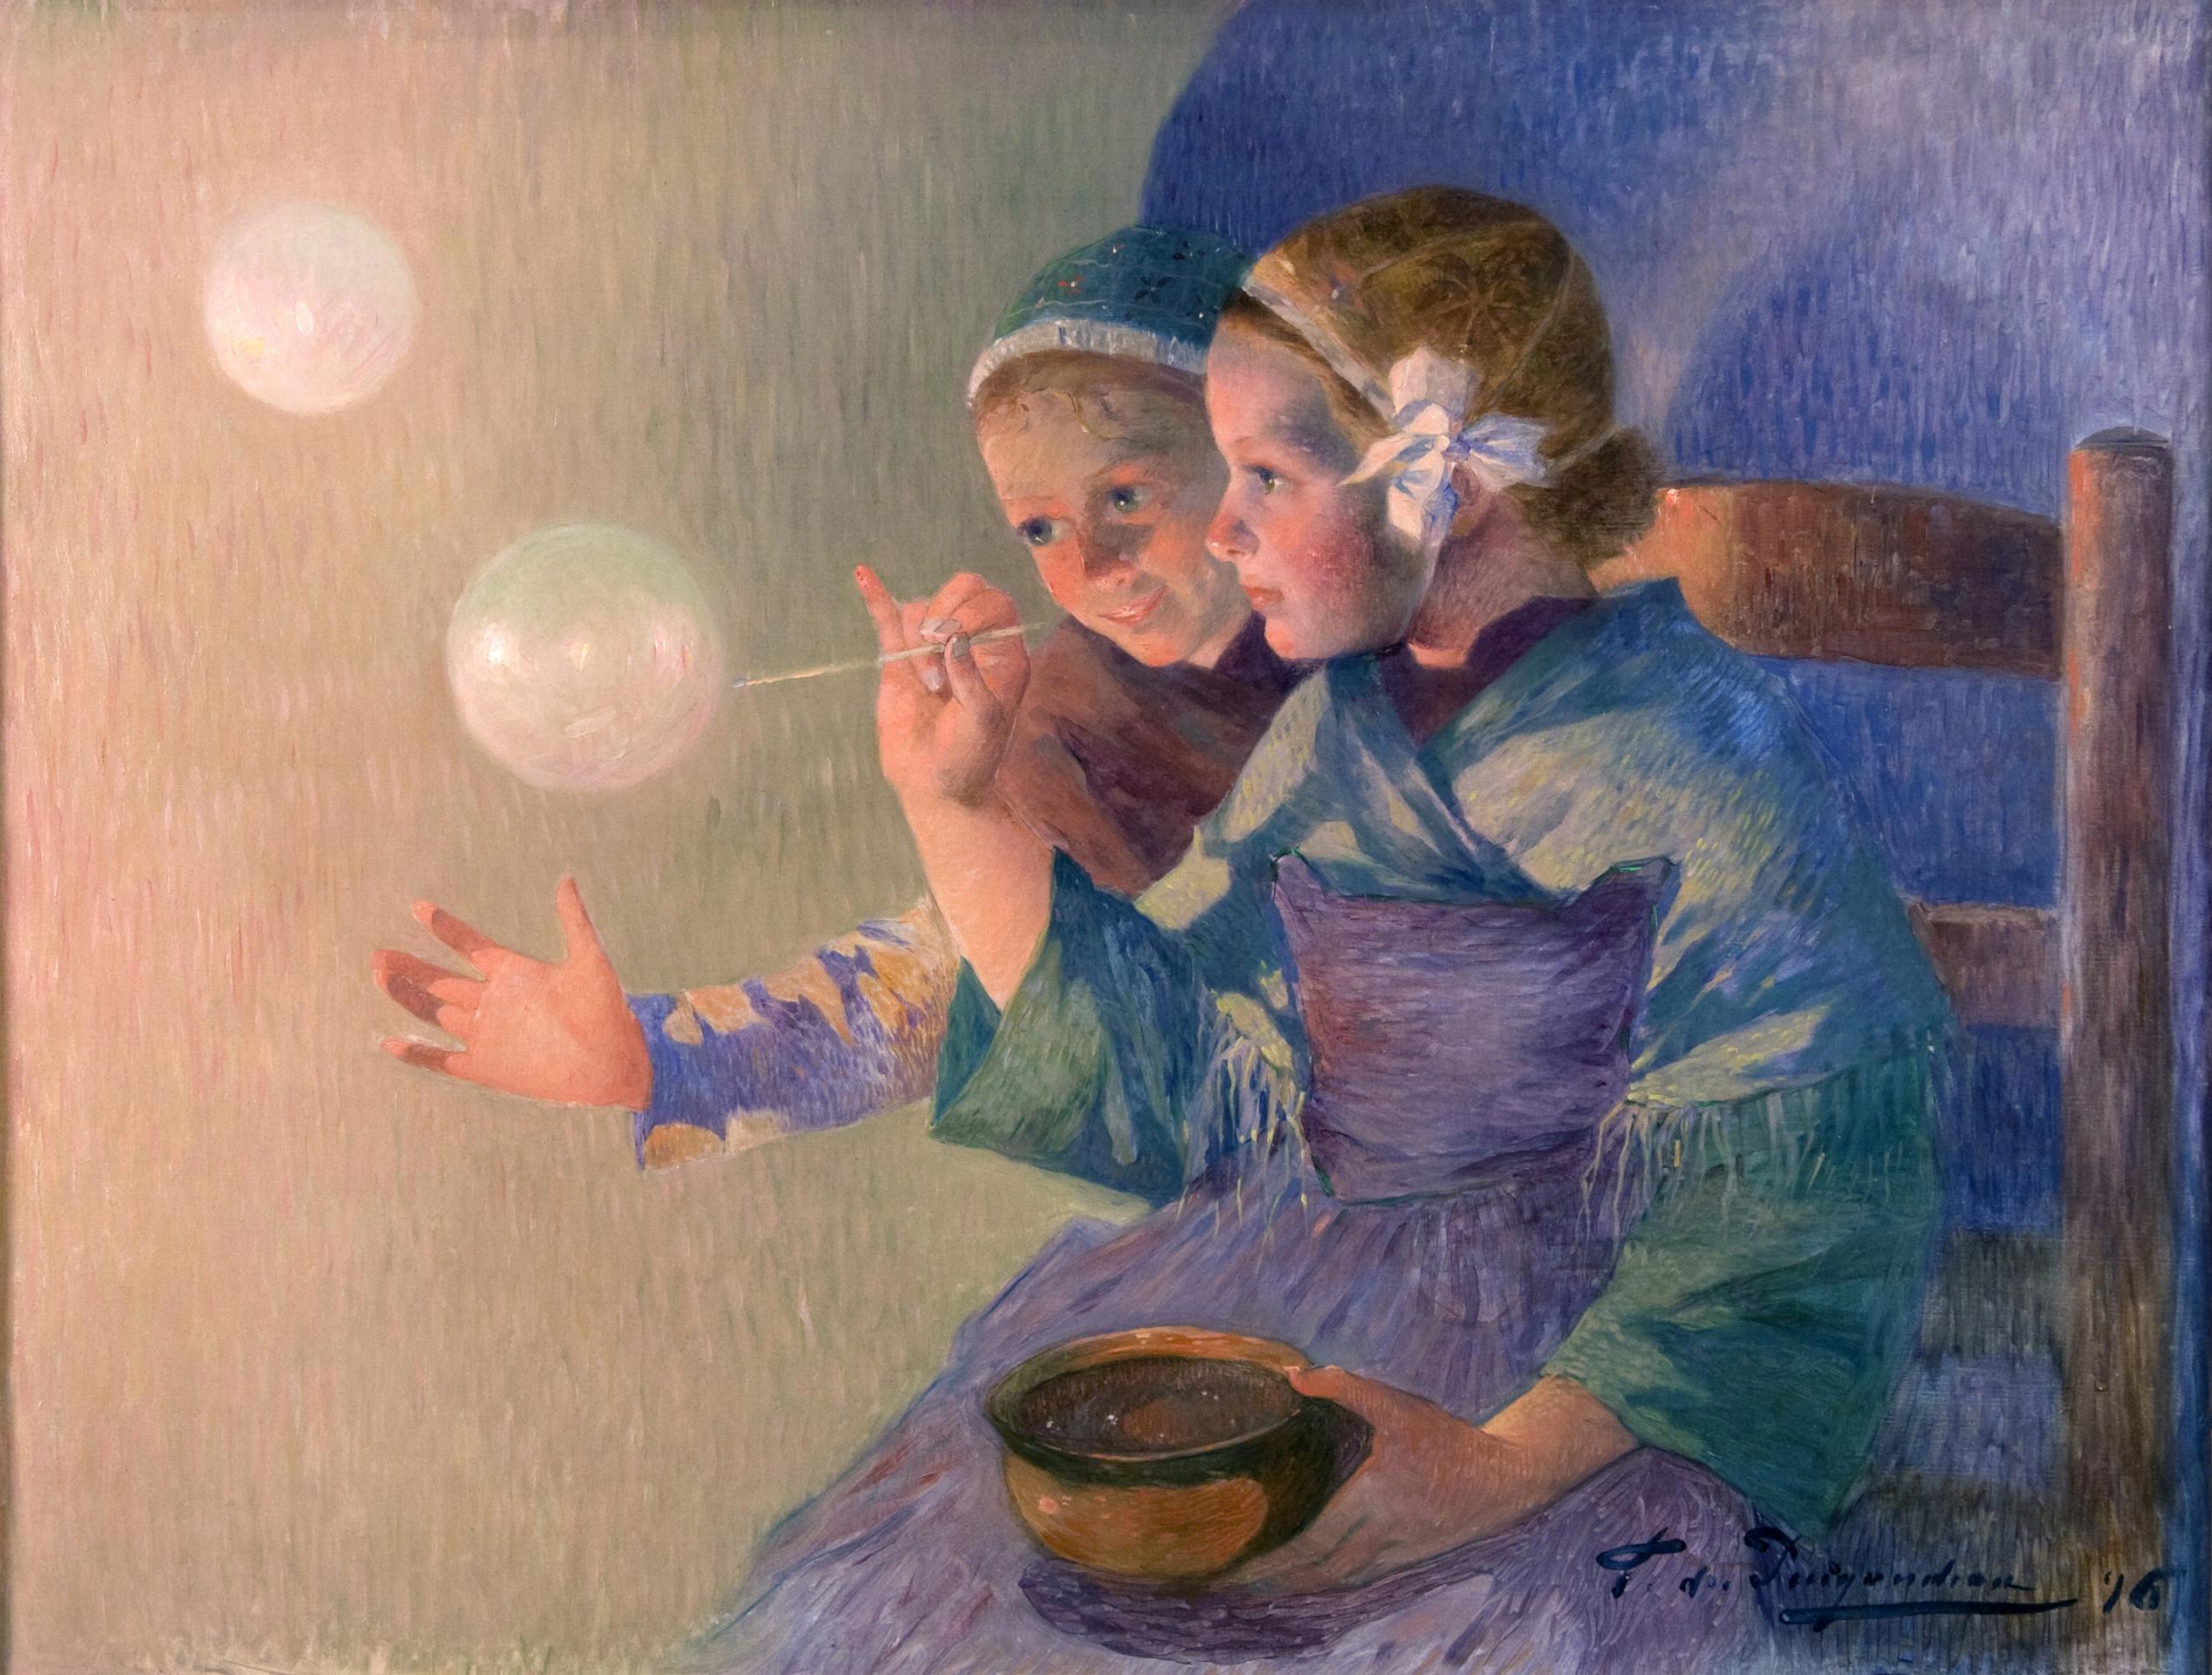 Les Bulles de Savon, 1896